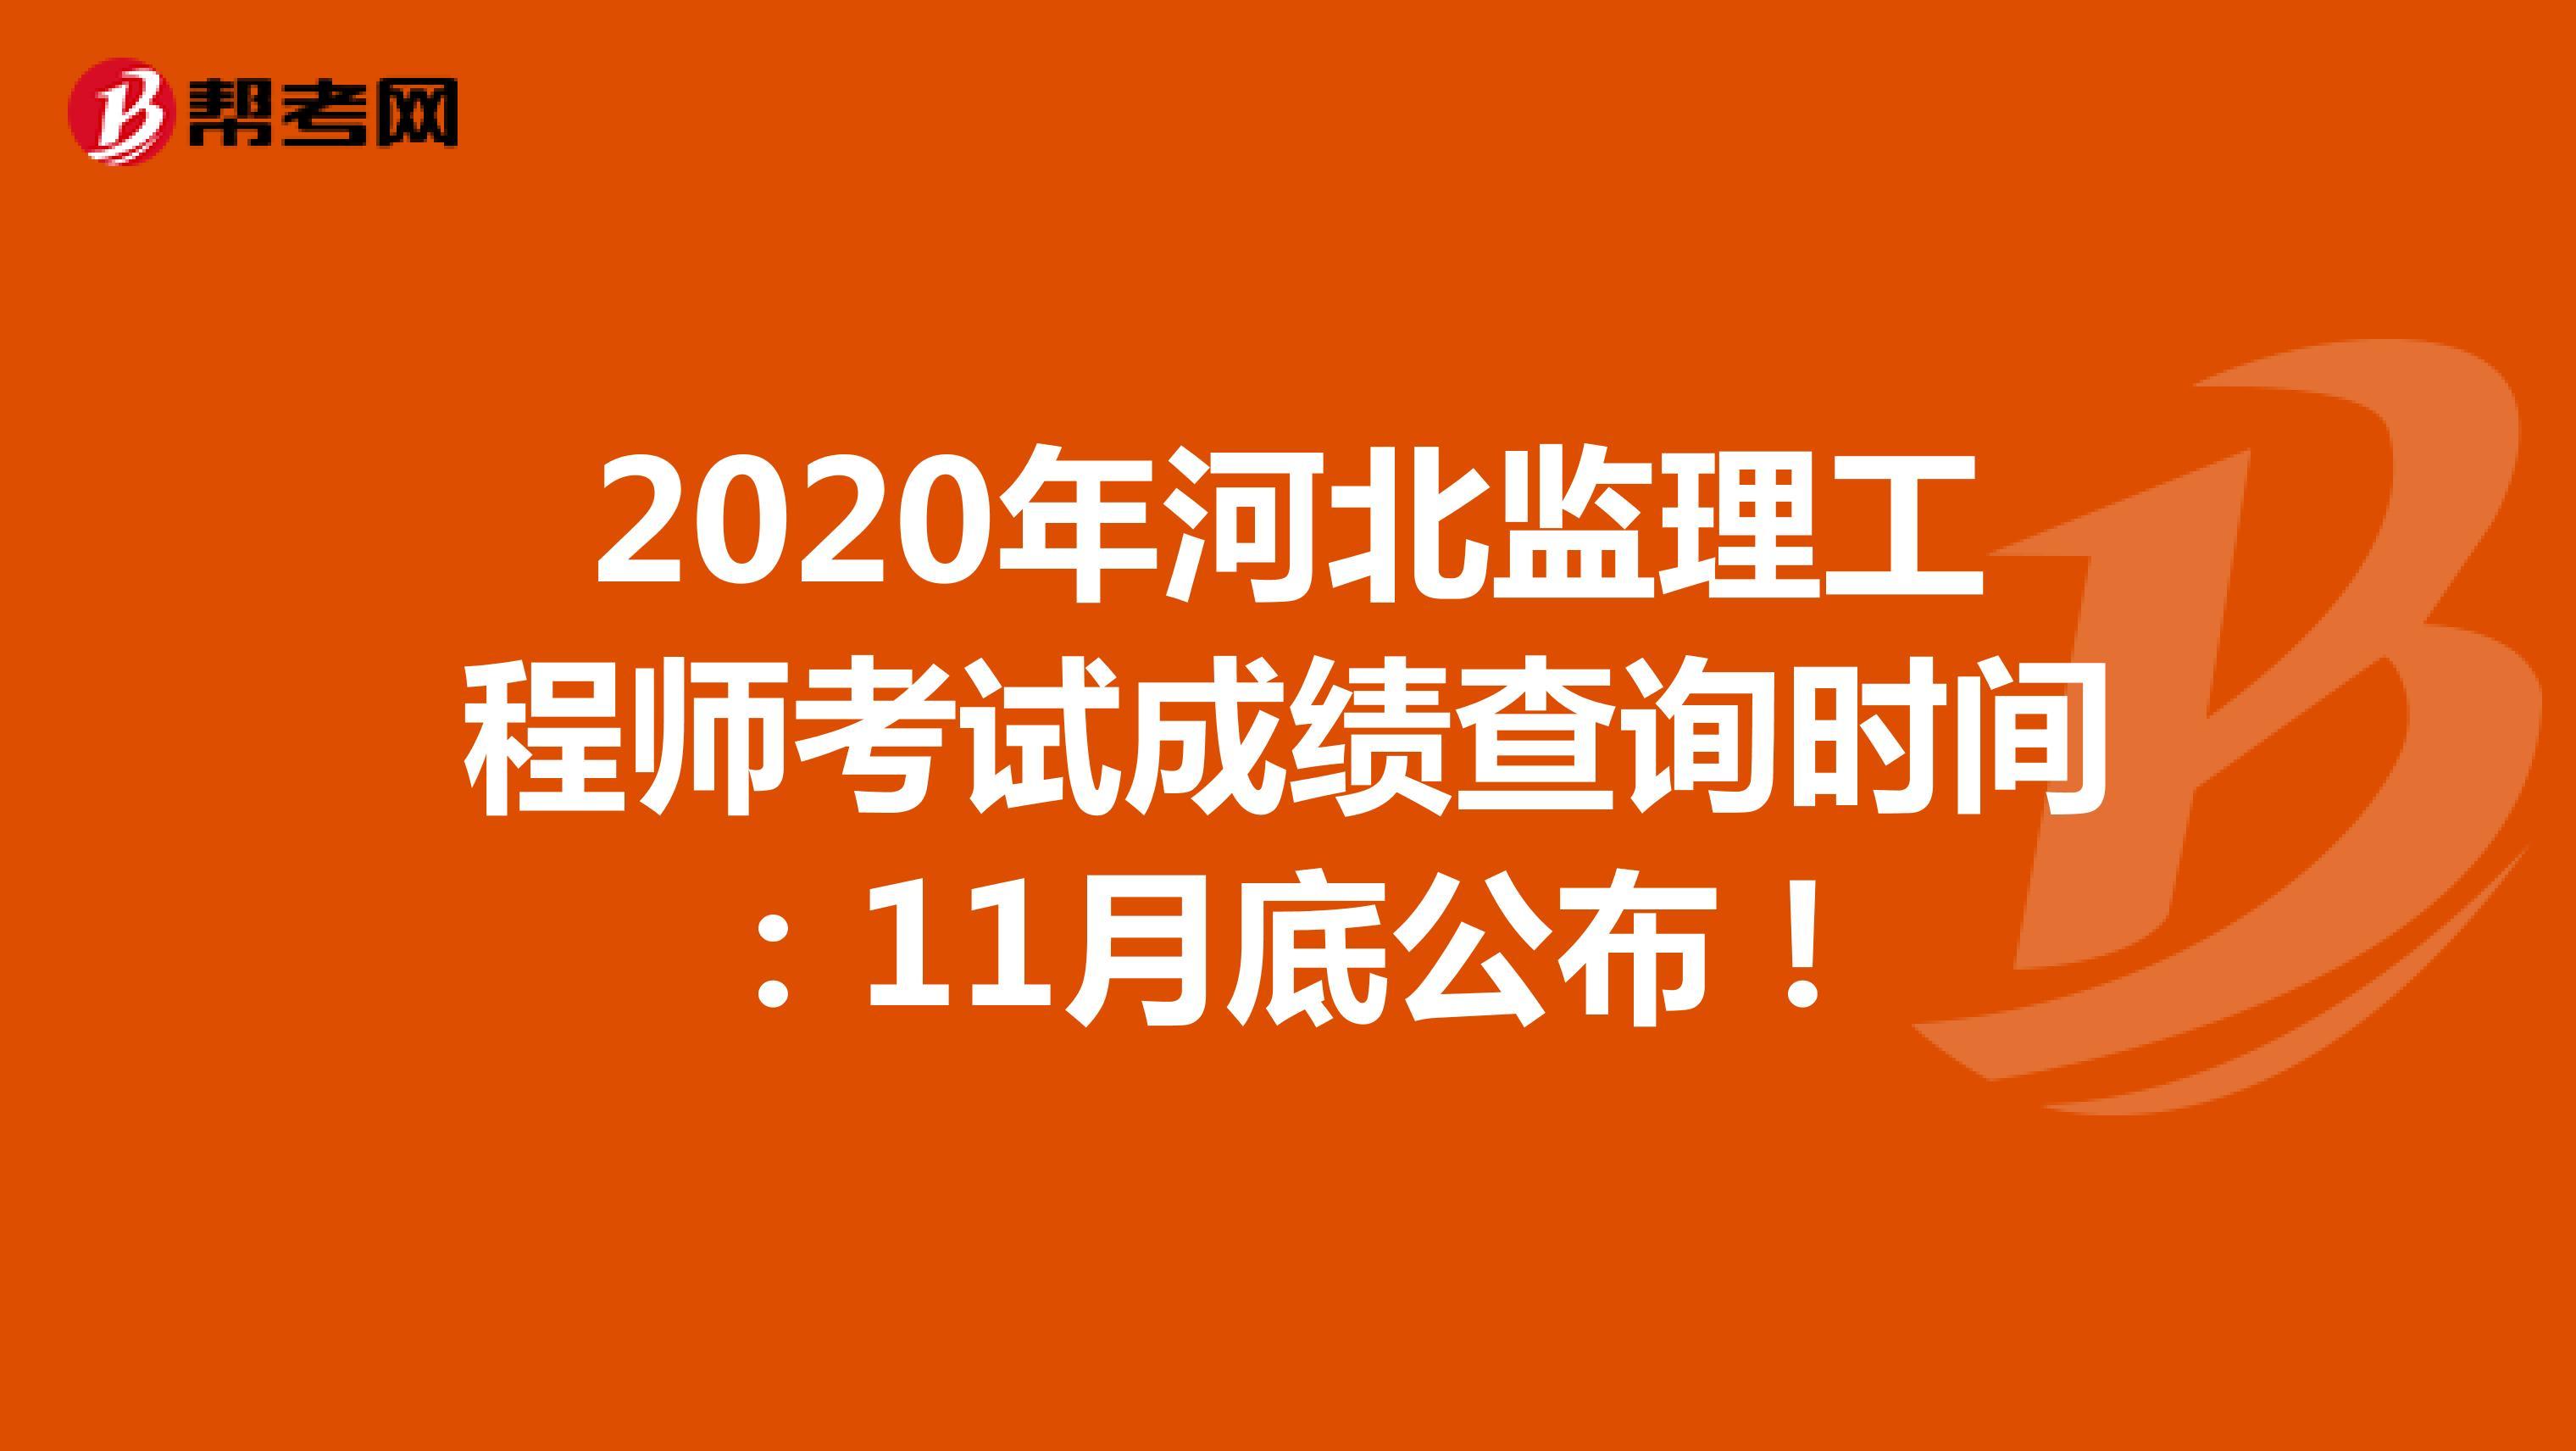 2020年河北监理工程师考试成绩查询时间:11月底公布!